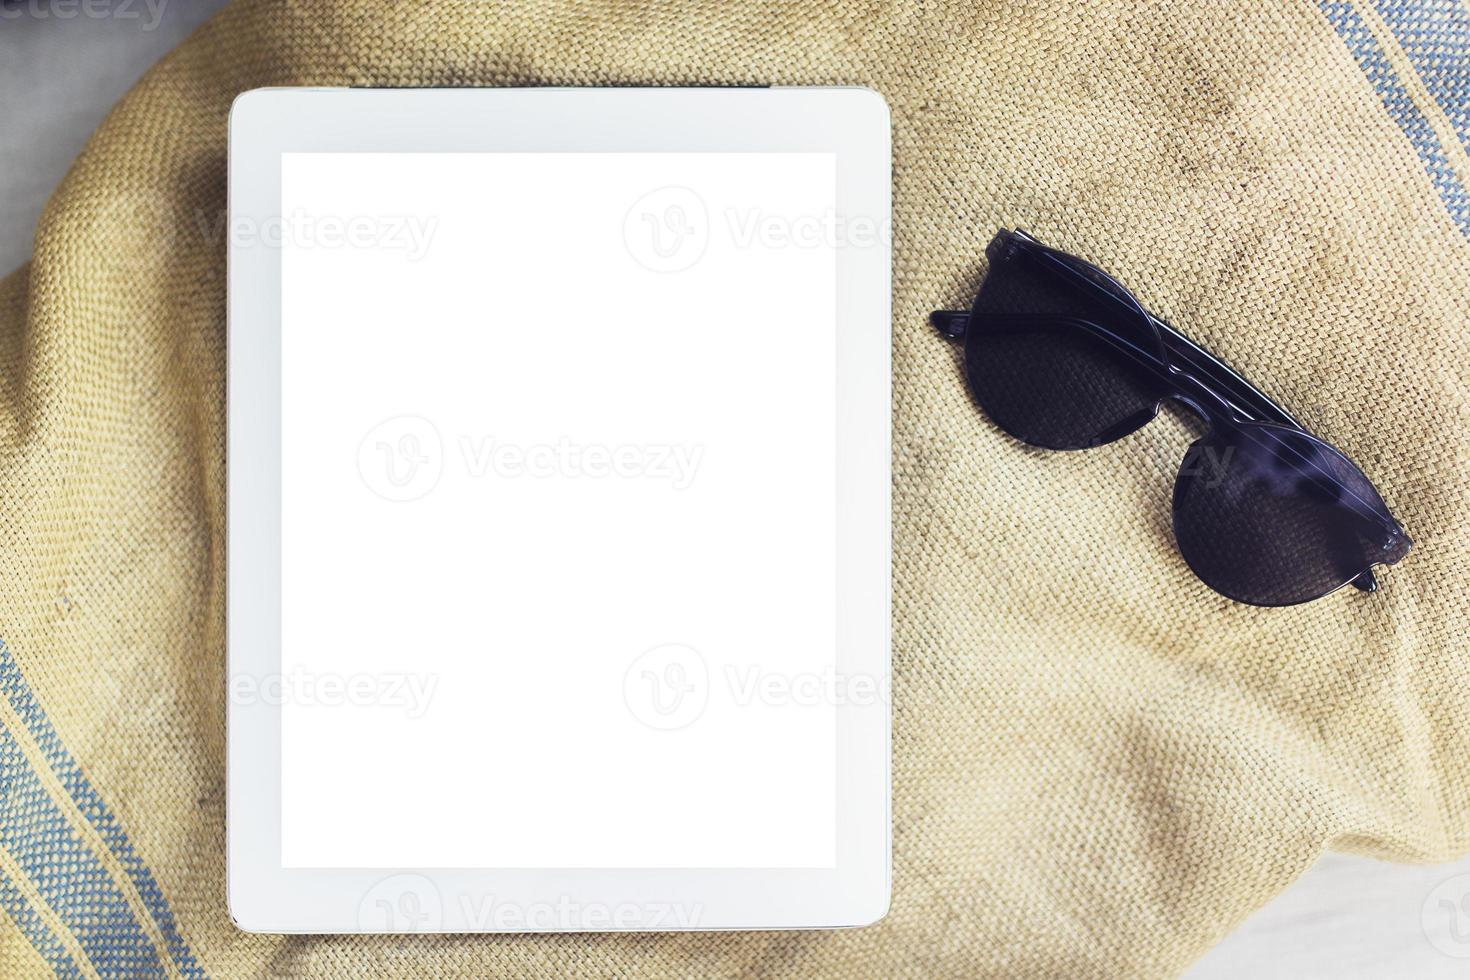 tavoletta digitale vuota con occhiali da sole su un asciugamano, mock up foto